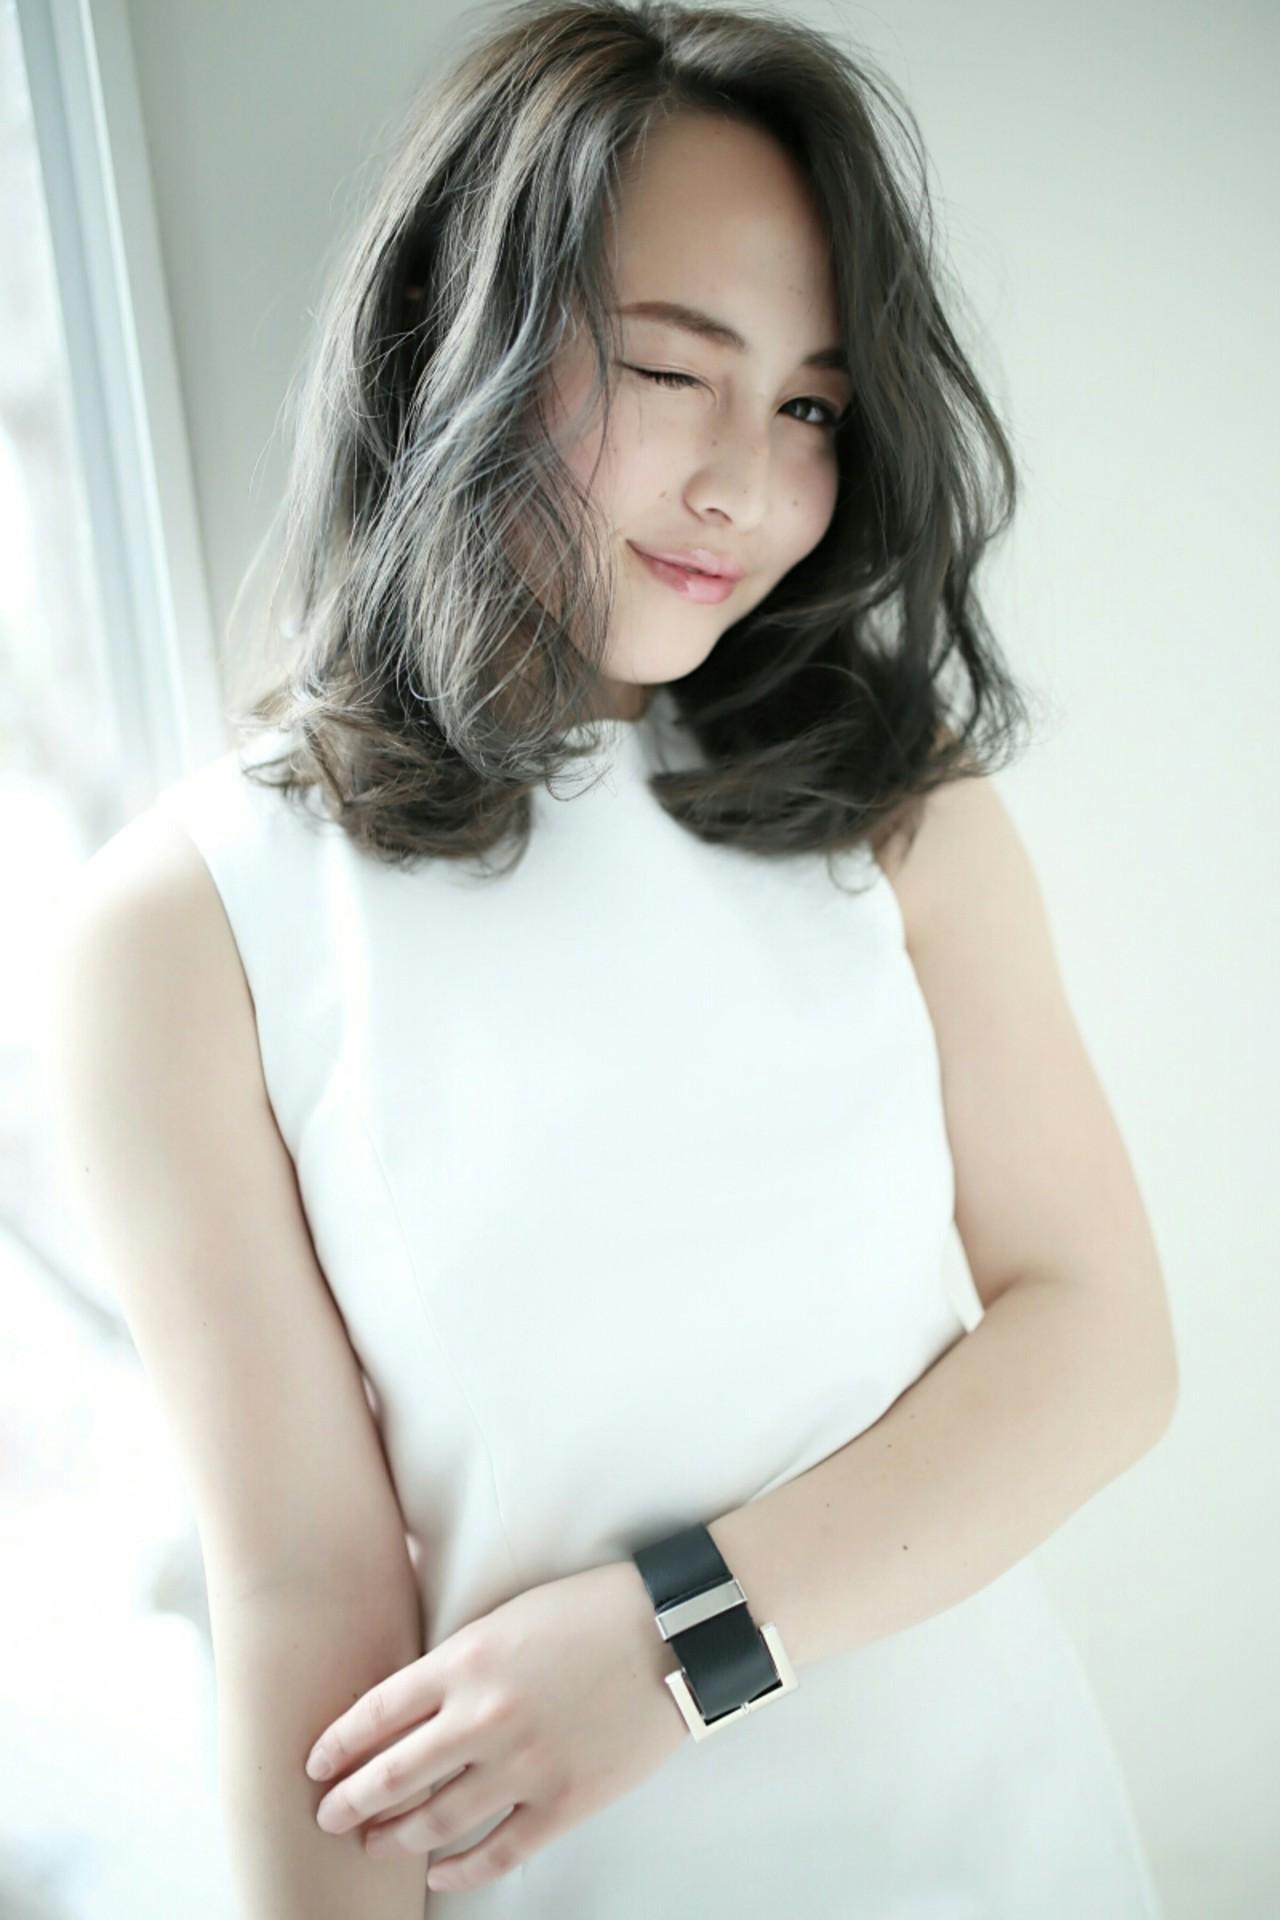 ミディアム ナチュラル アッシュ かわいい ヘアスタイルや髪型の写真・画像 | 熊倉 洋平 air / air-KOBE